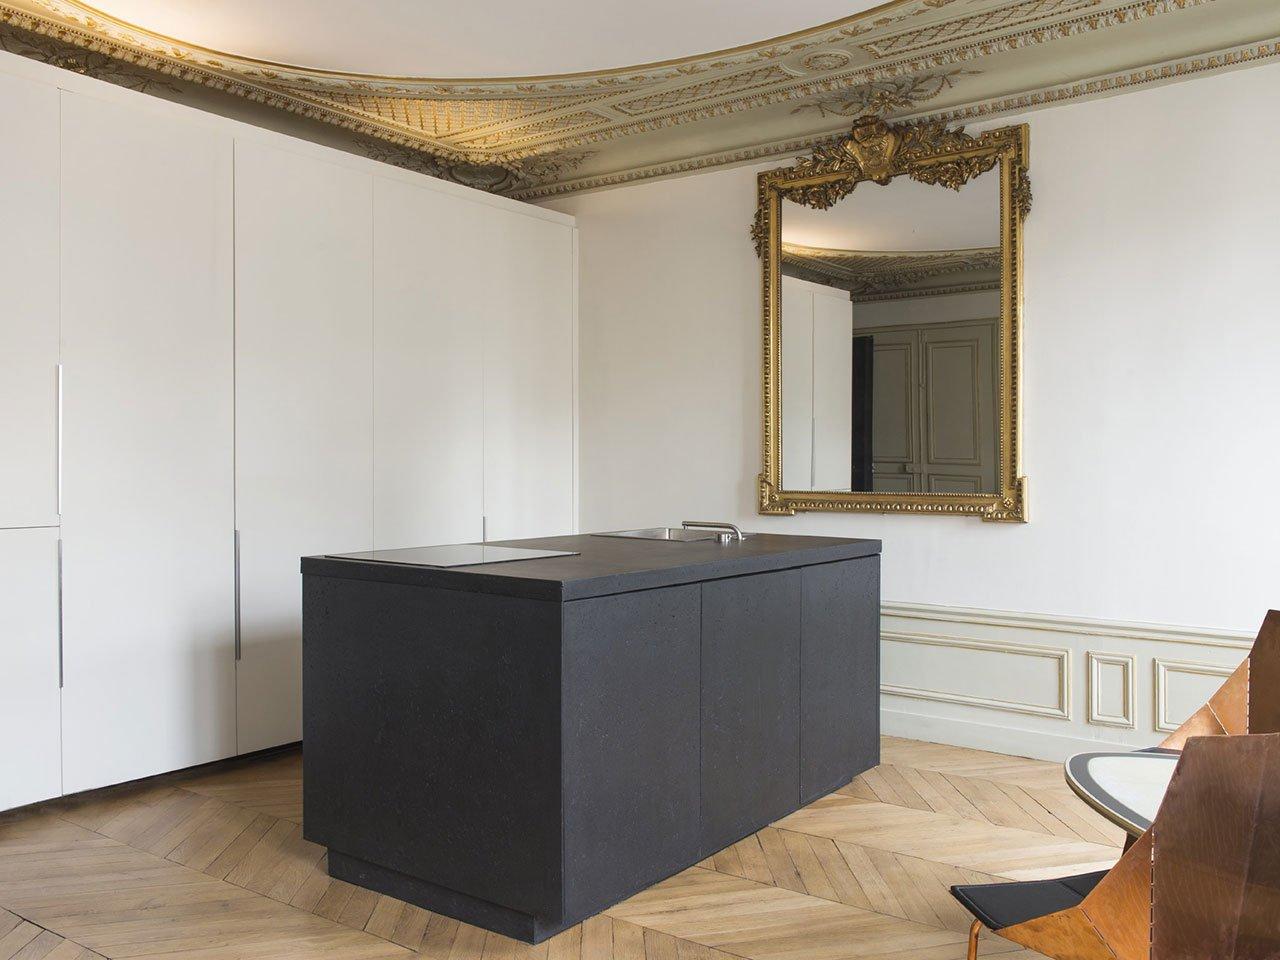 f4_diego_delgado_elias_paris_apartment_photo_by_yannick_labrousse_yatzer.jpg